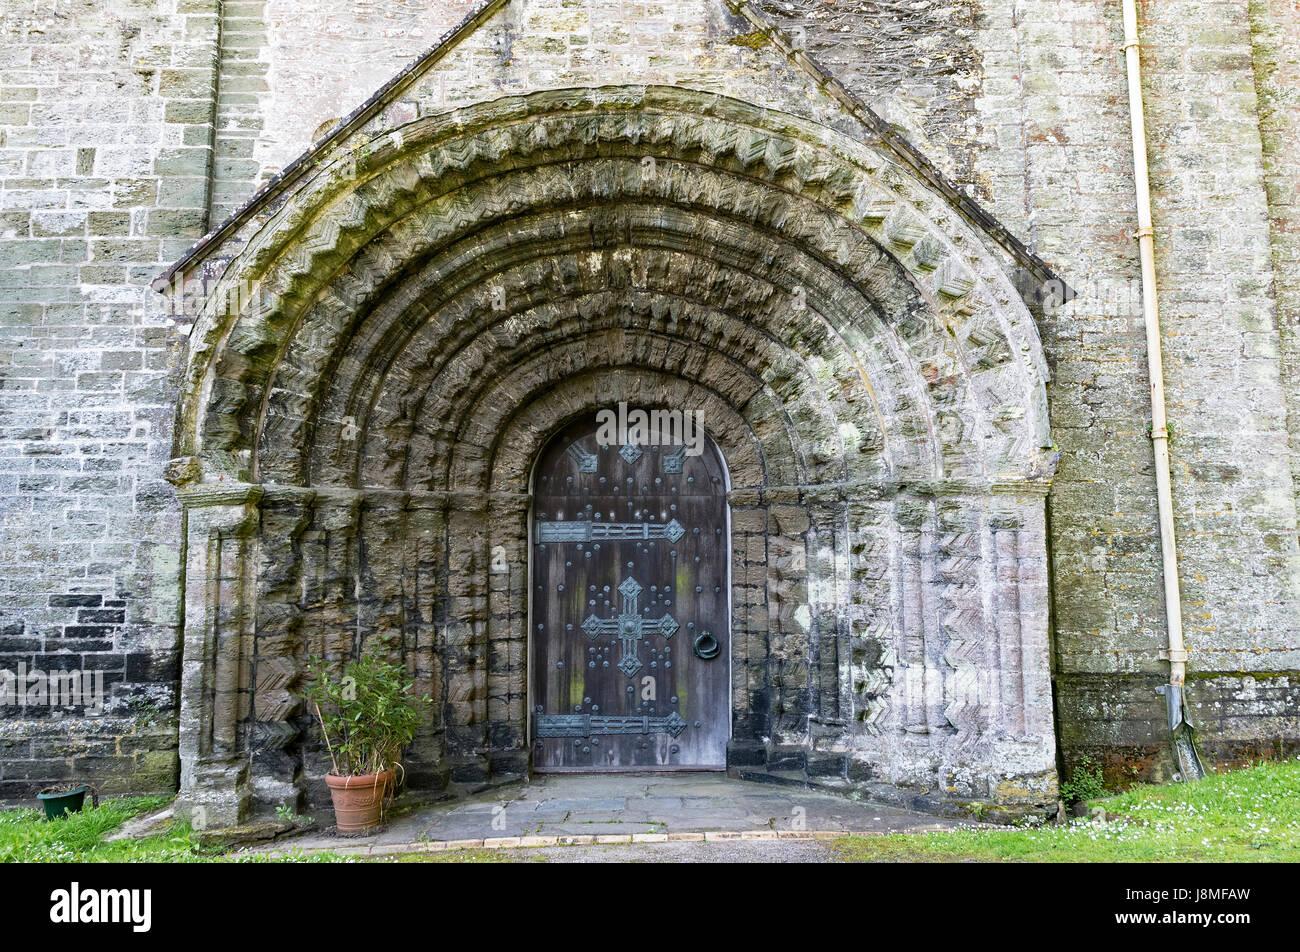 der Westen Tür, normannische Architektur am st.germans Priorat in Cornwall, England, Großbritannien, uk, Stockbild